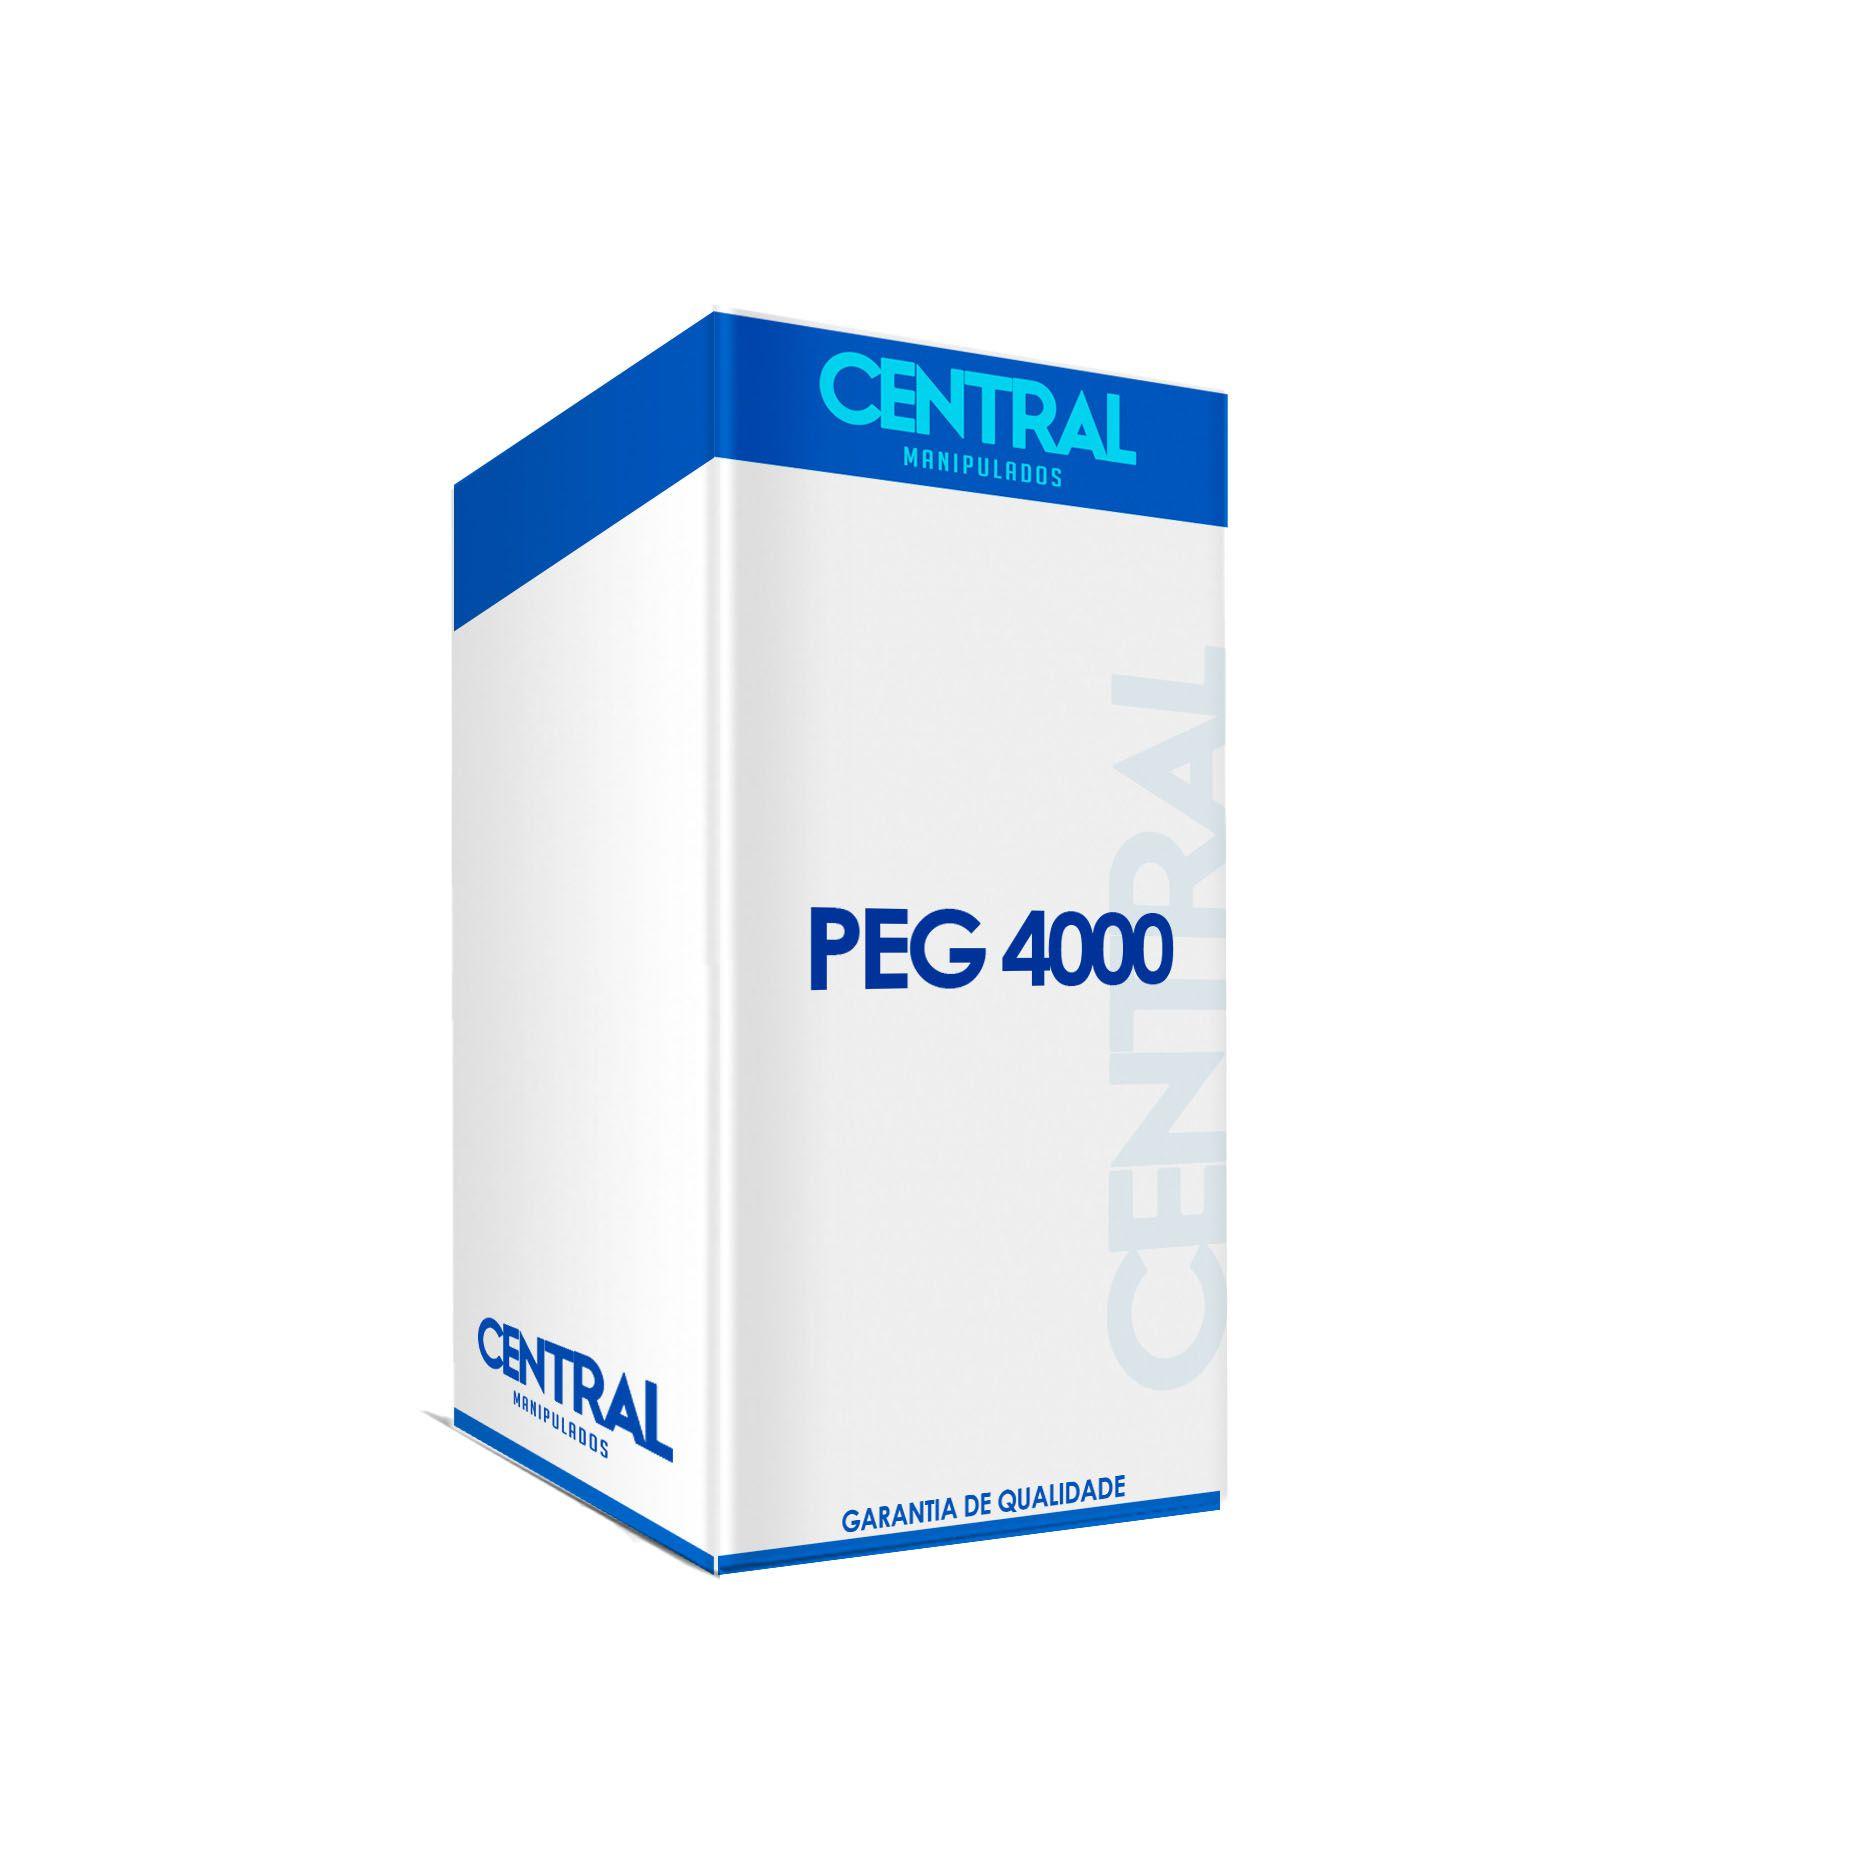 PEG - Saúde Intestinal - 4000 - 150g com 30 Doses